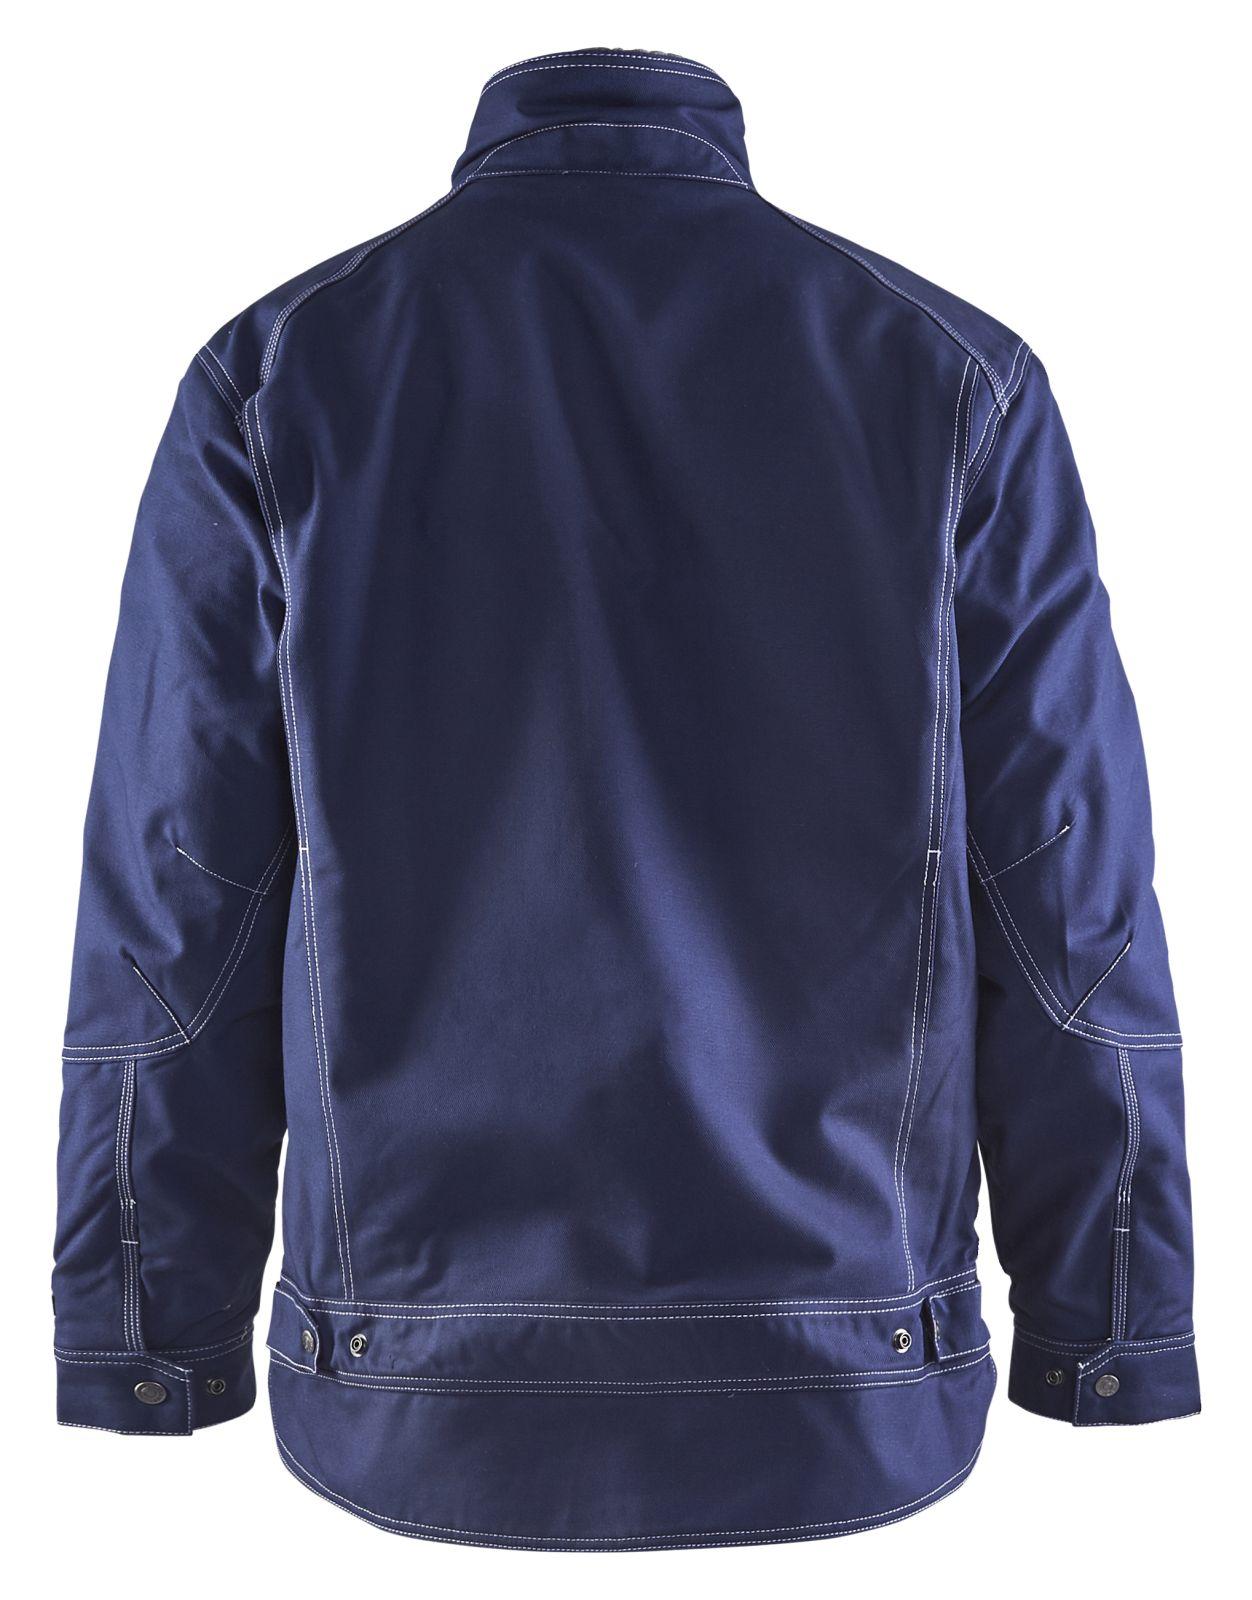 Blaklader Jassen 48151370 marineblauw(8800)